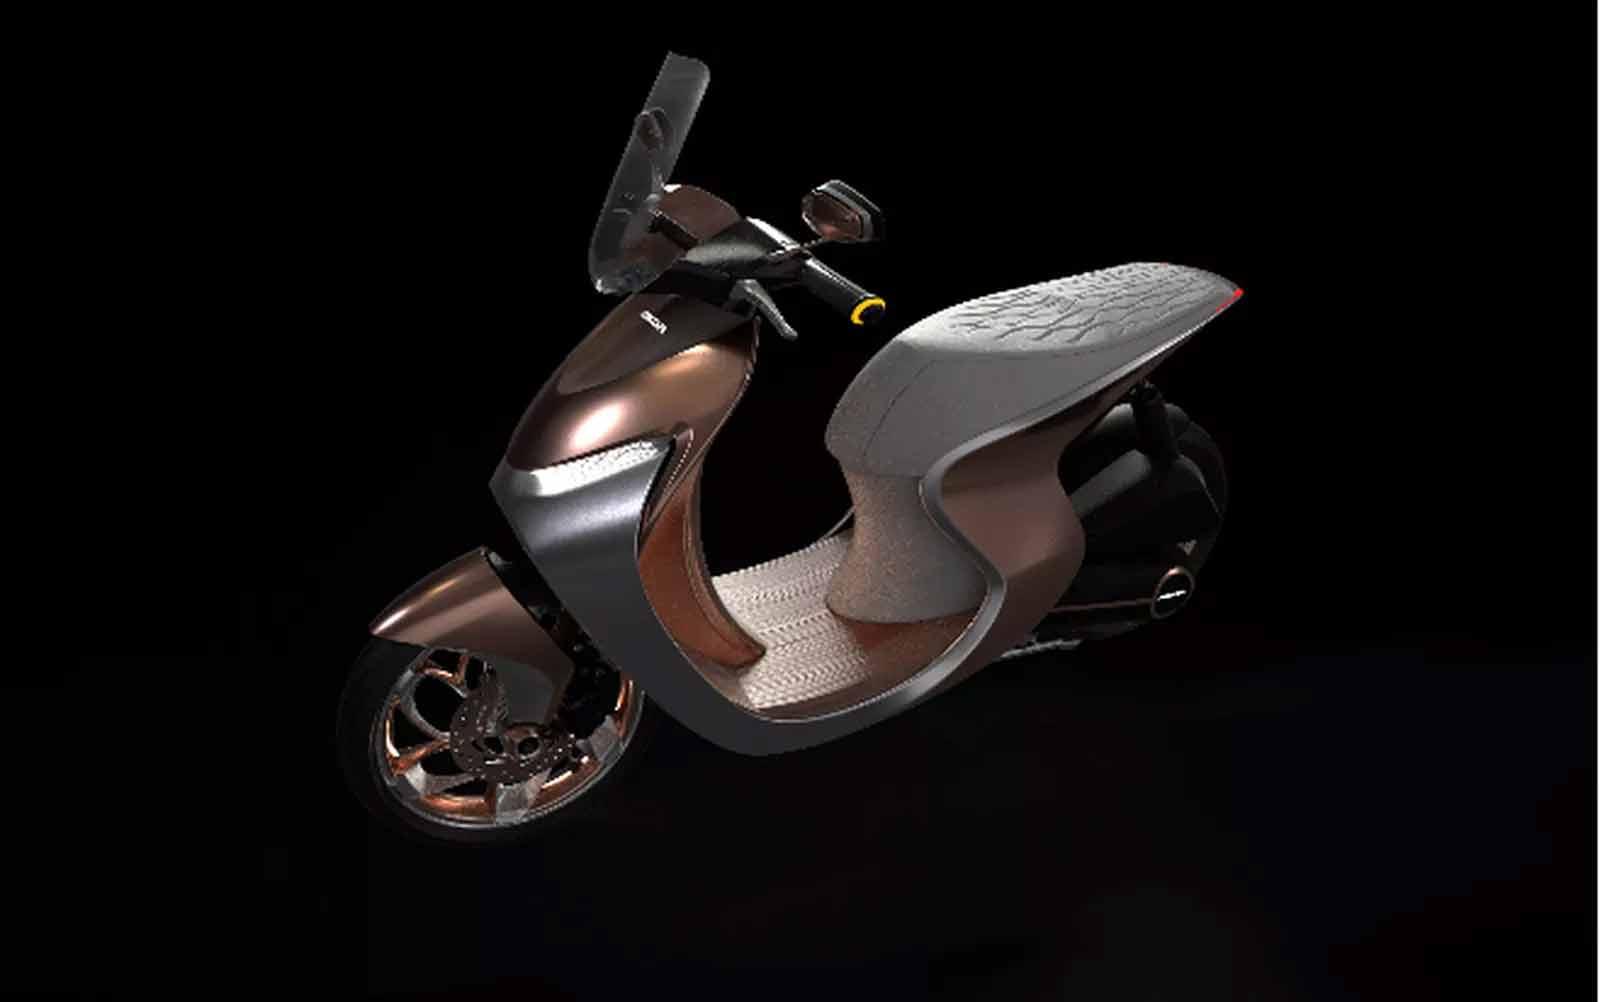 Honda revelou um conceito de scooter que estará, de maneira virtual, no Salão Duas Rodas 2019.